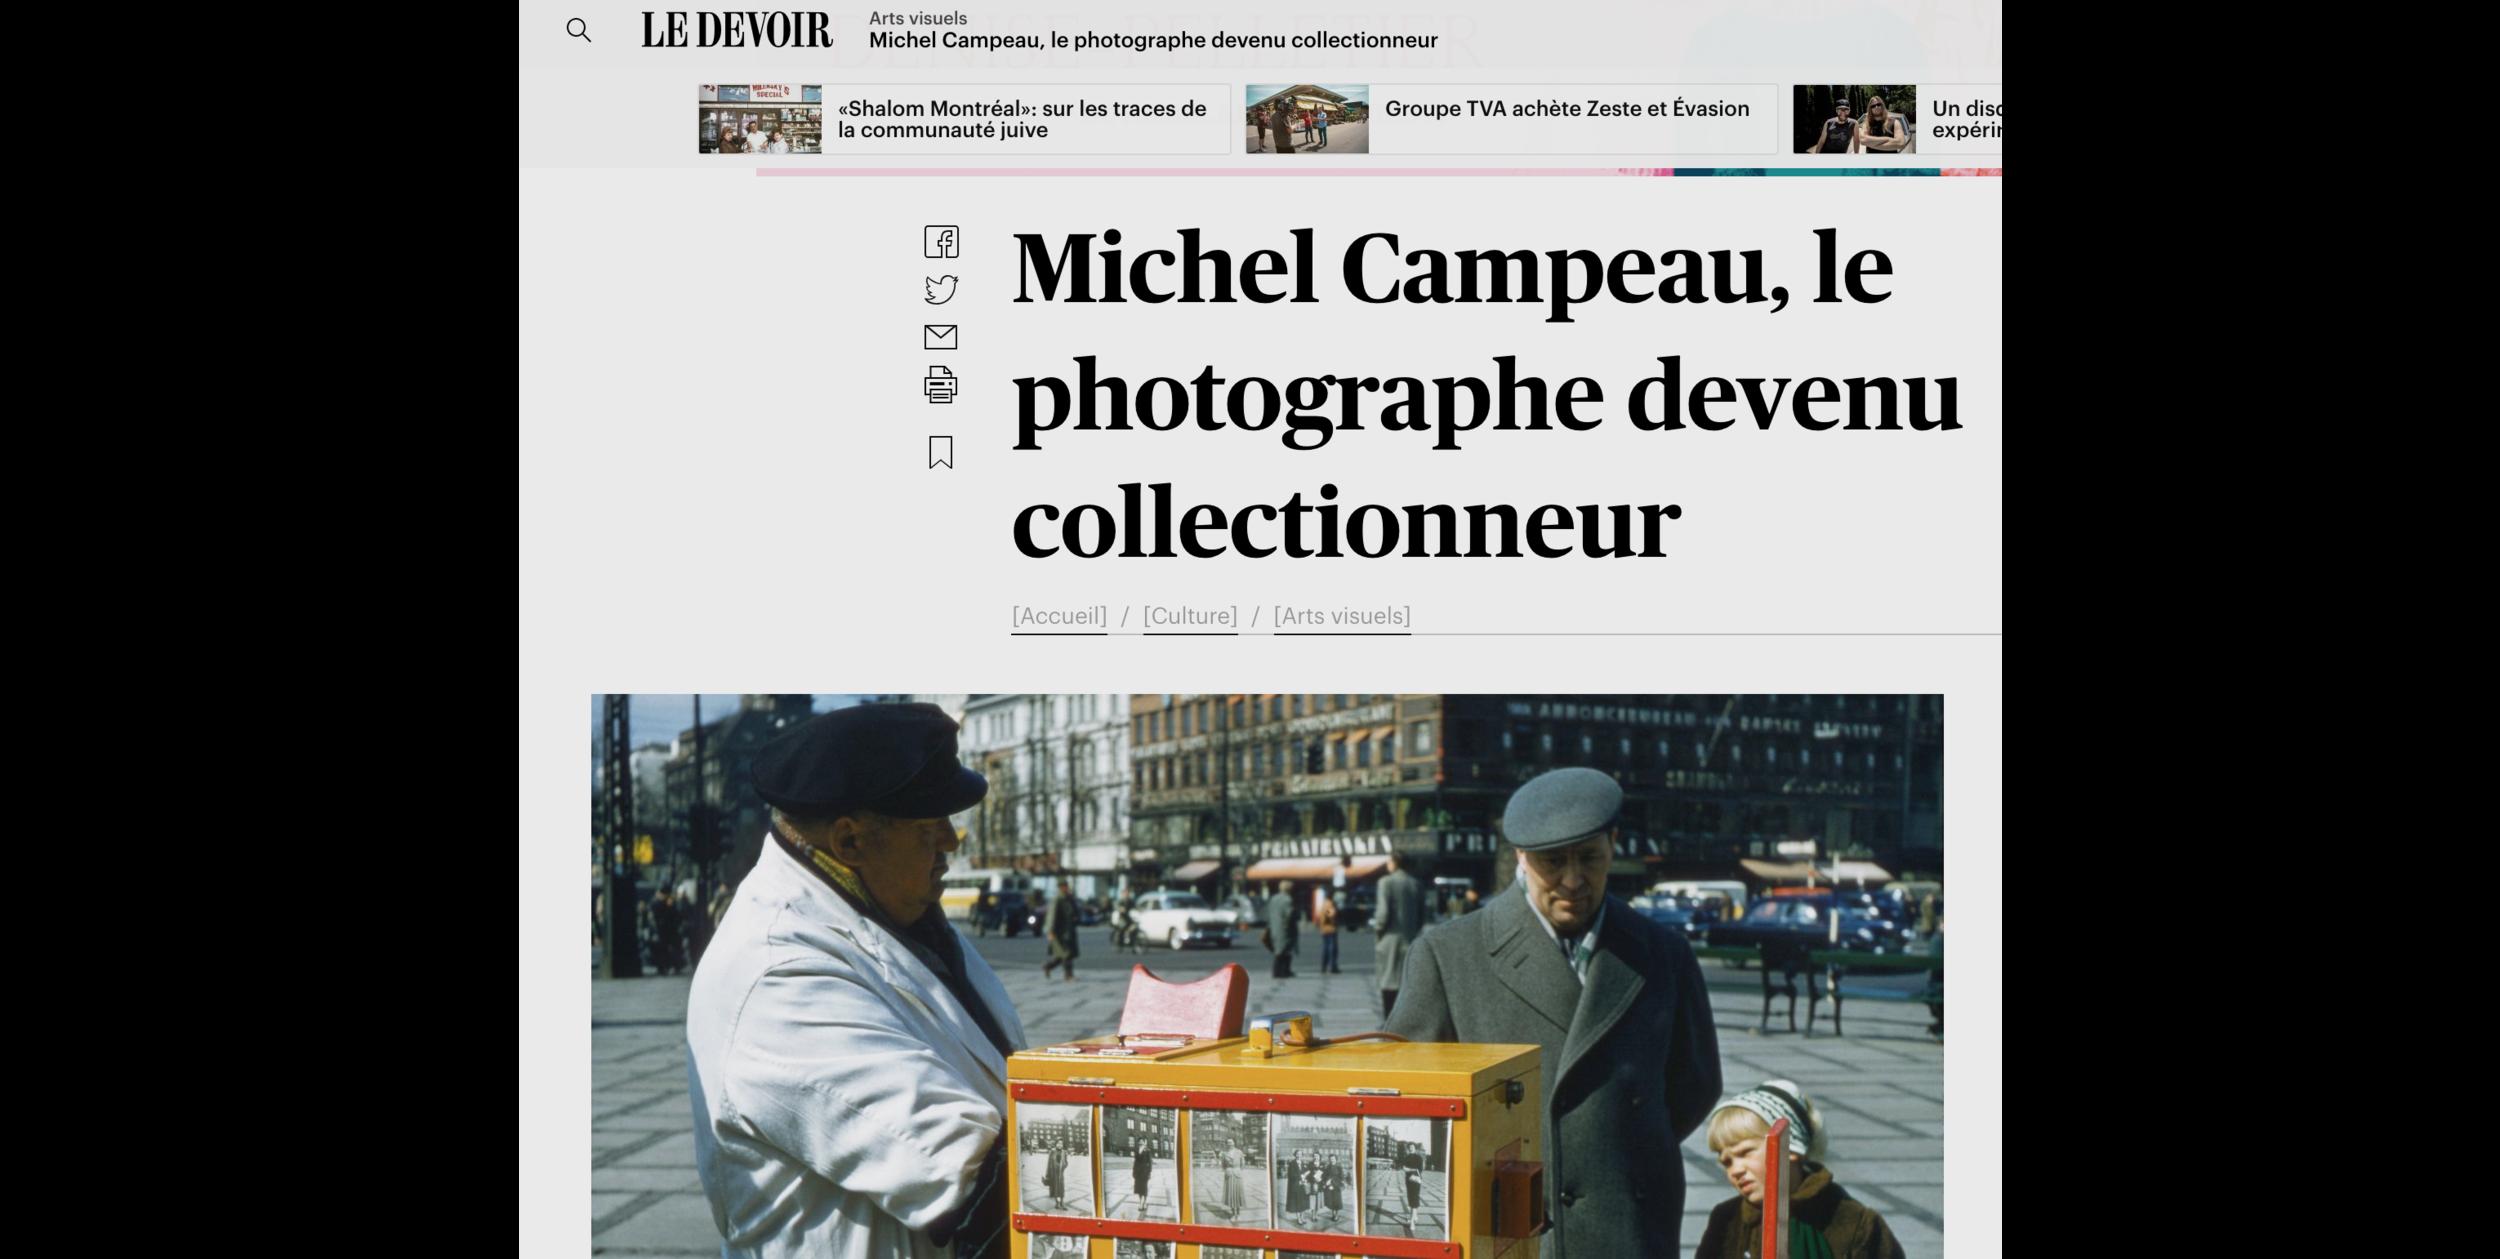 Michel Campeau, le photographe devenu collectionneur, Jérôme Delgado, Le Devoir, 13 janvier 2018  www.ledevoir.com/culture/arts-visuels/517330/michel-campeau-le-photographe-devenu-collectionneur